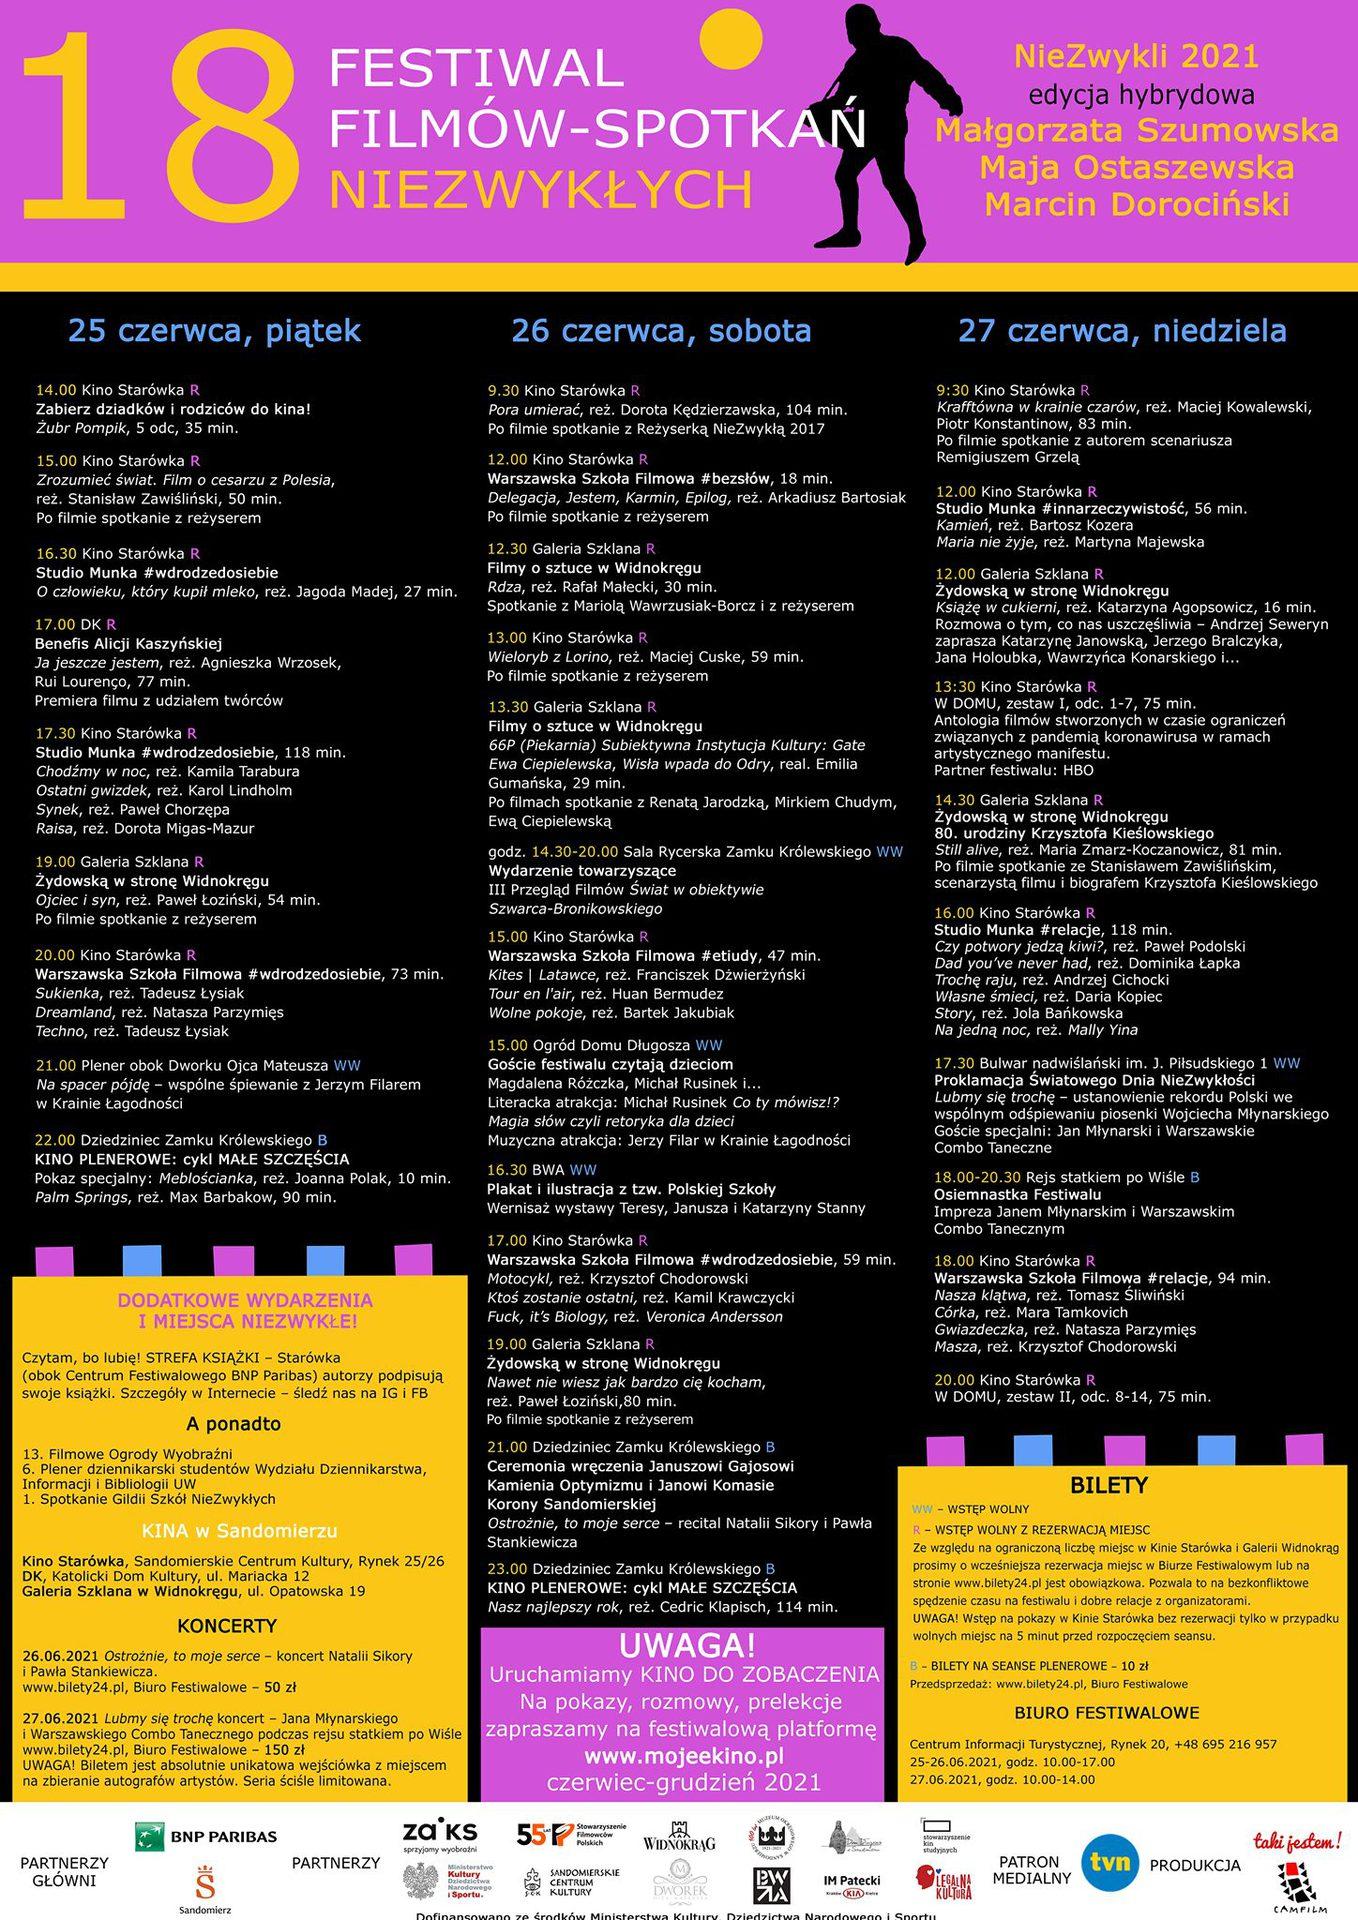 Festiwal Filmów-Spotkań NieZwykłych - afisz do internetu.jpeg